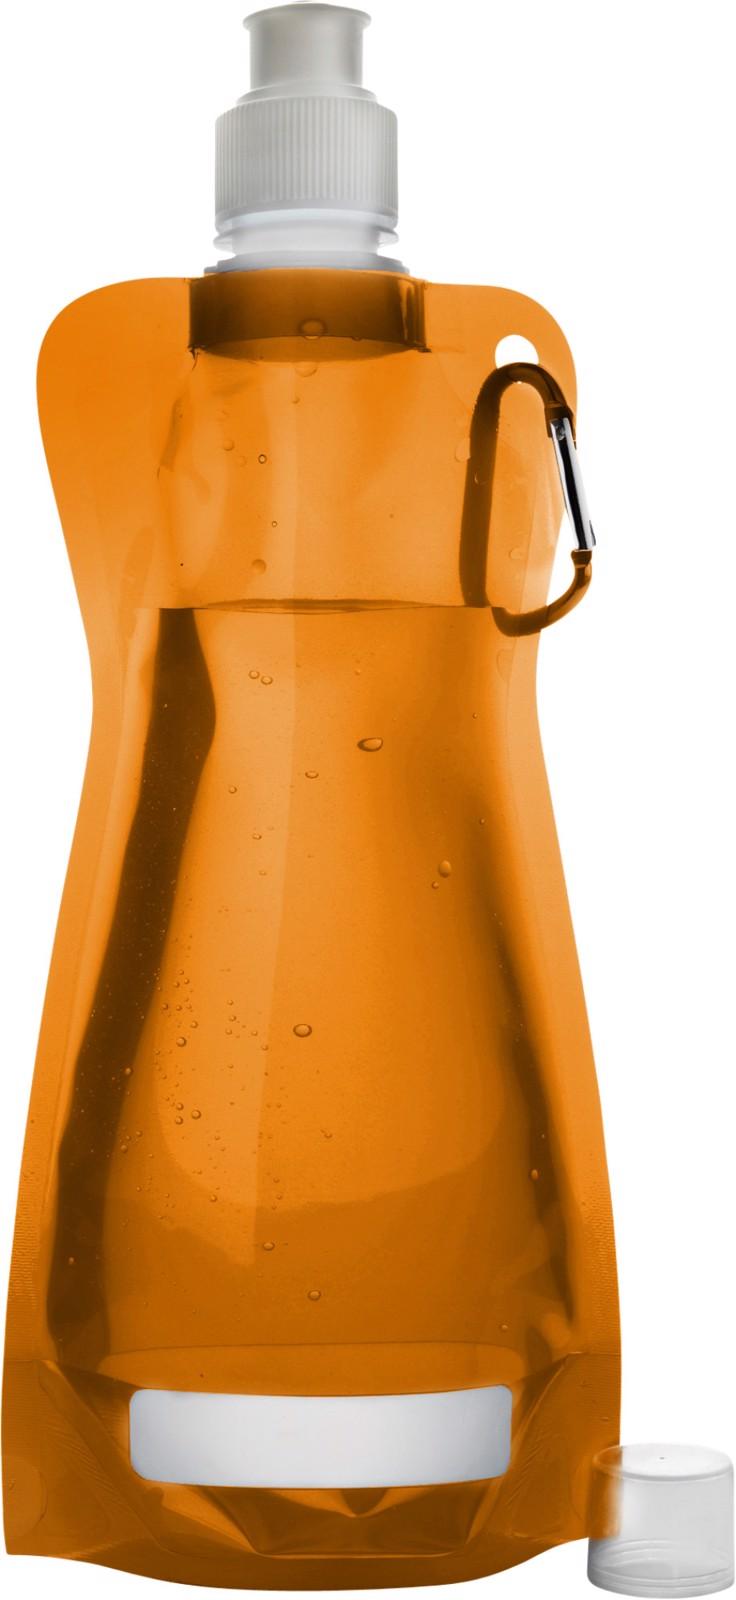 PP bottle - Orange